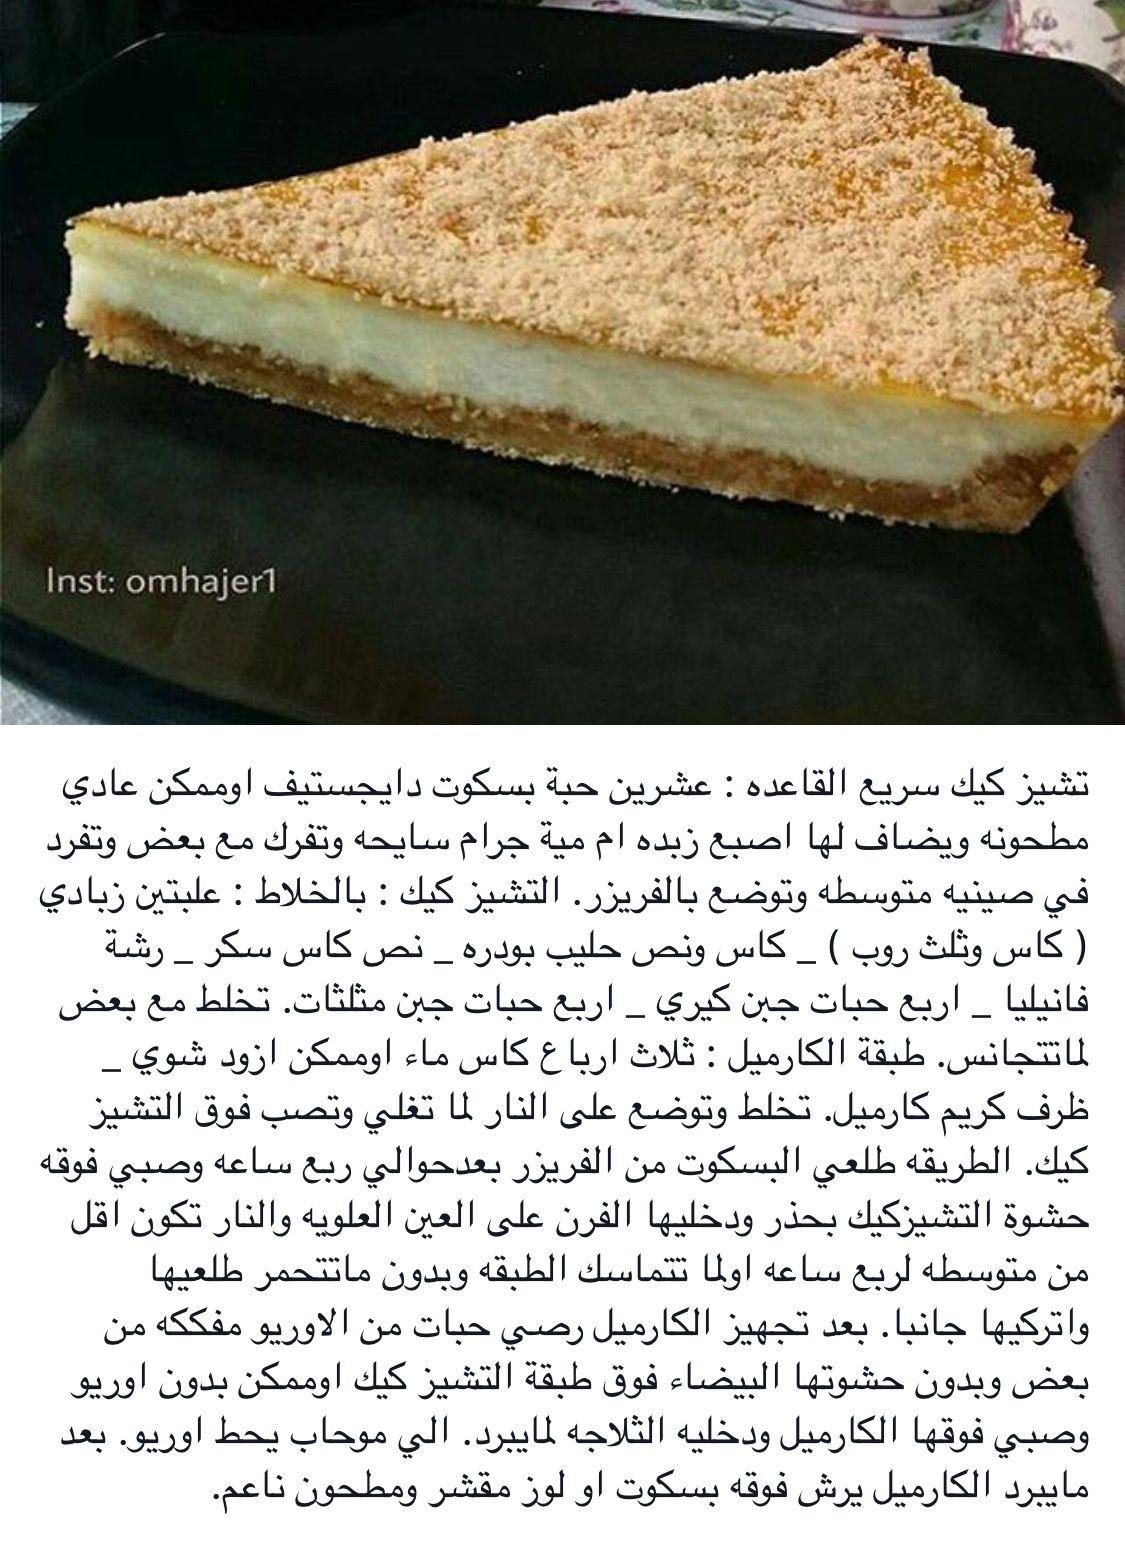 تشيز كيك سريع Cooking Recipes Desserts Dessert Recipes Desserts